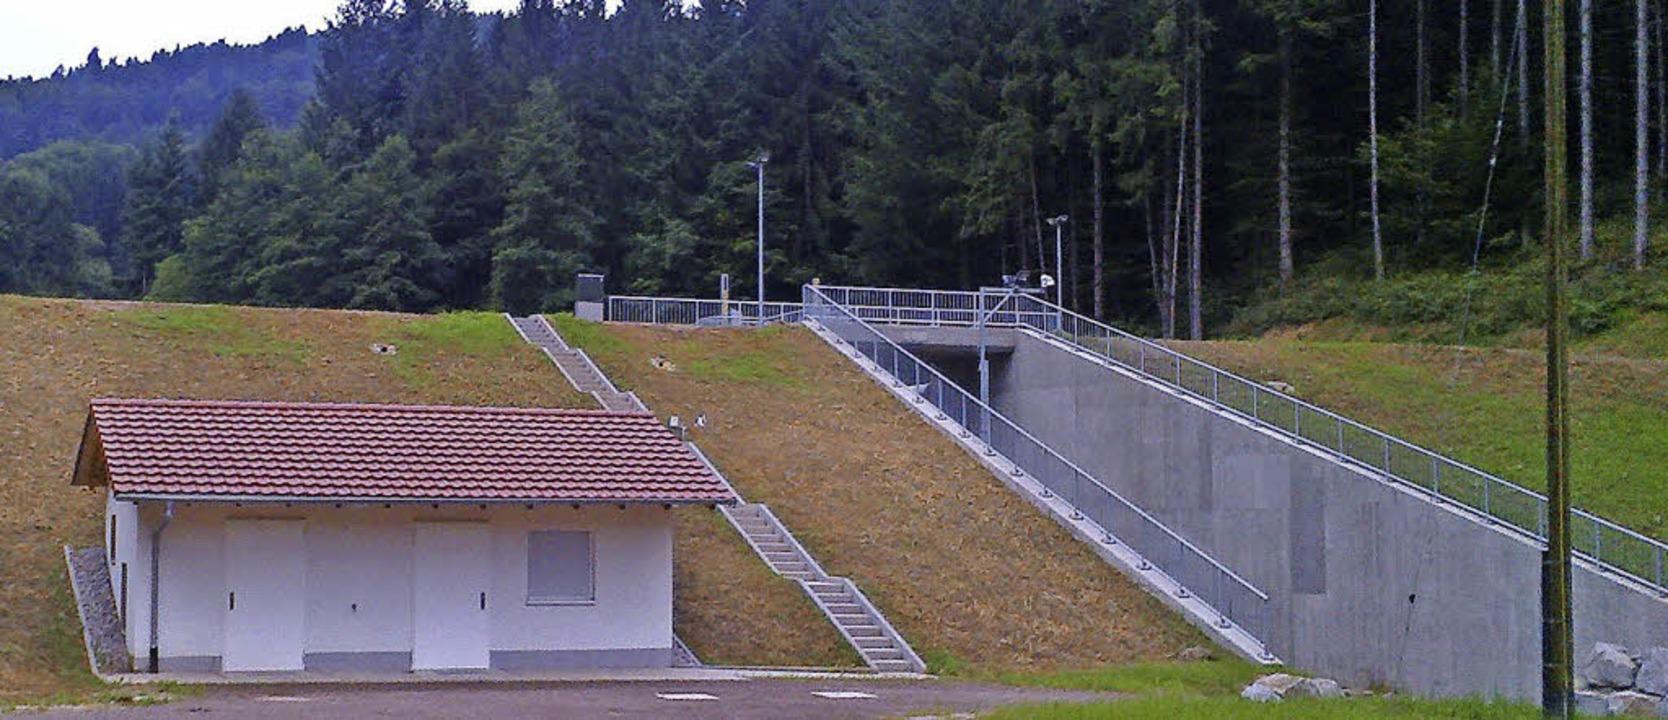 Das neue Hochwasserrückhaltebecken in ... am 8. September offiziell übergeben.     Foto: Privat